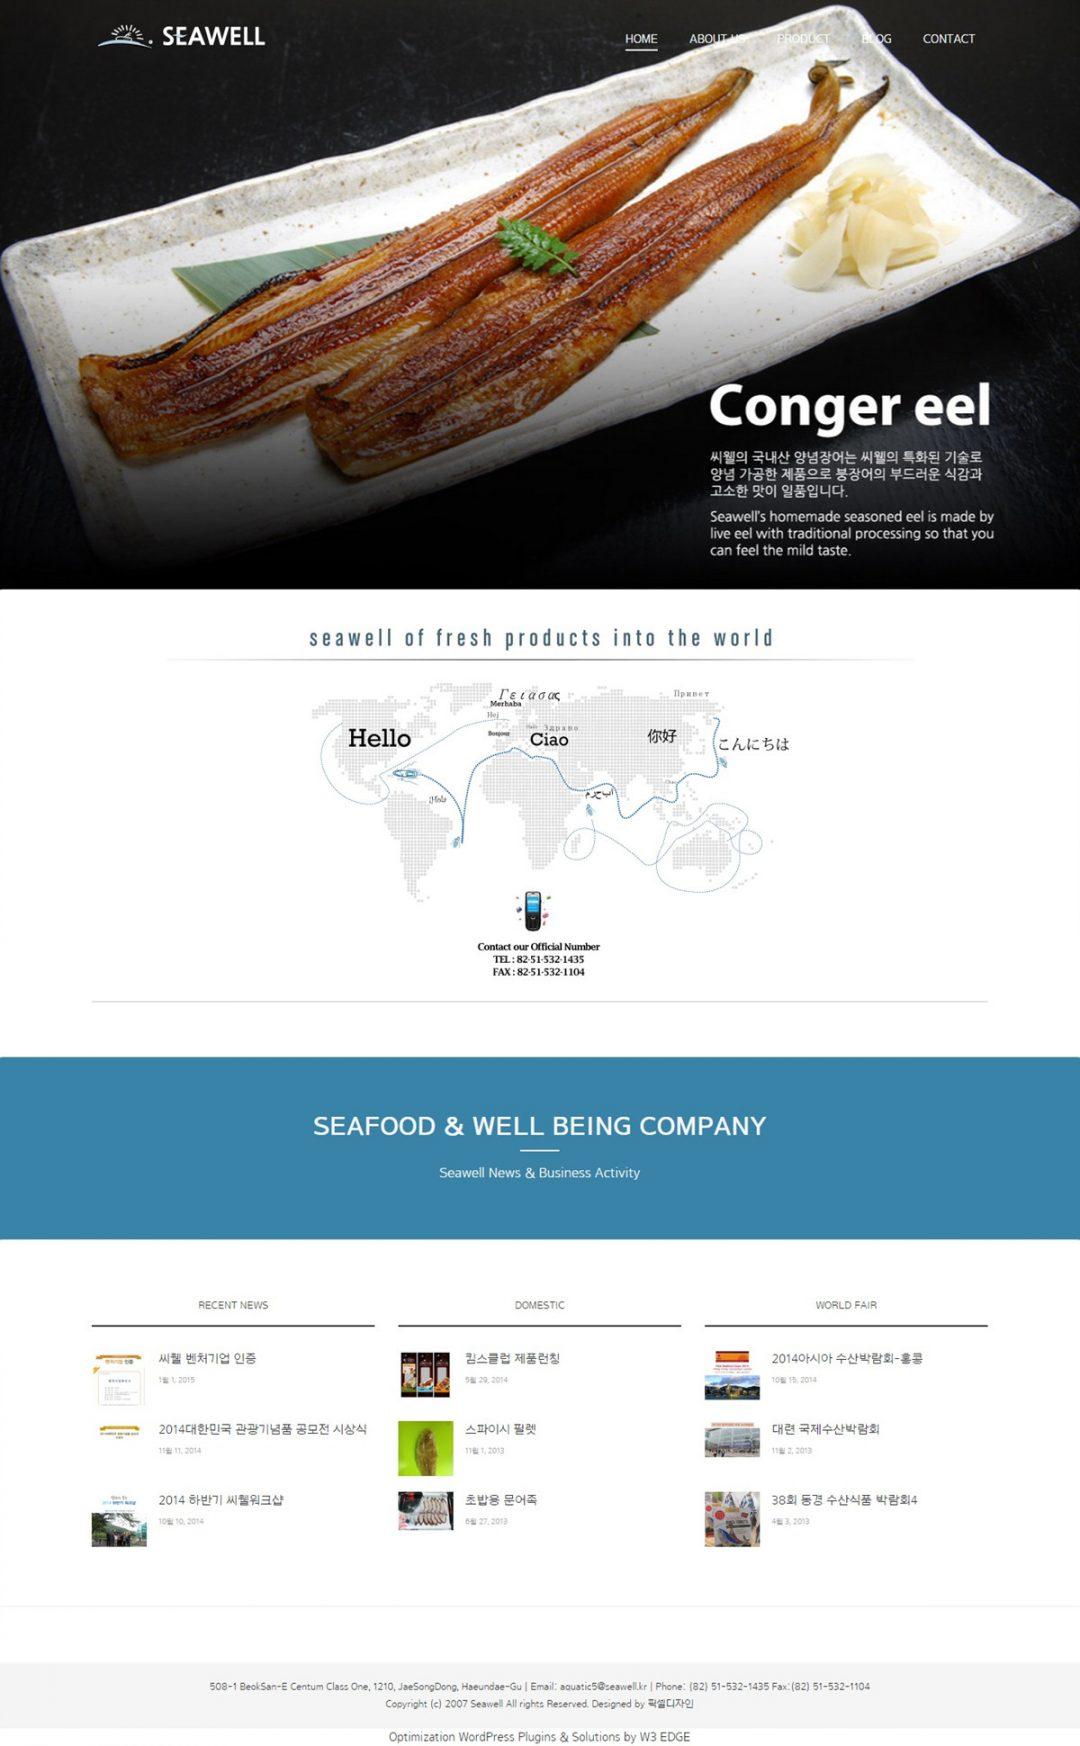 (주)씨웰 기업블로그 – Wodpress